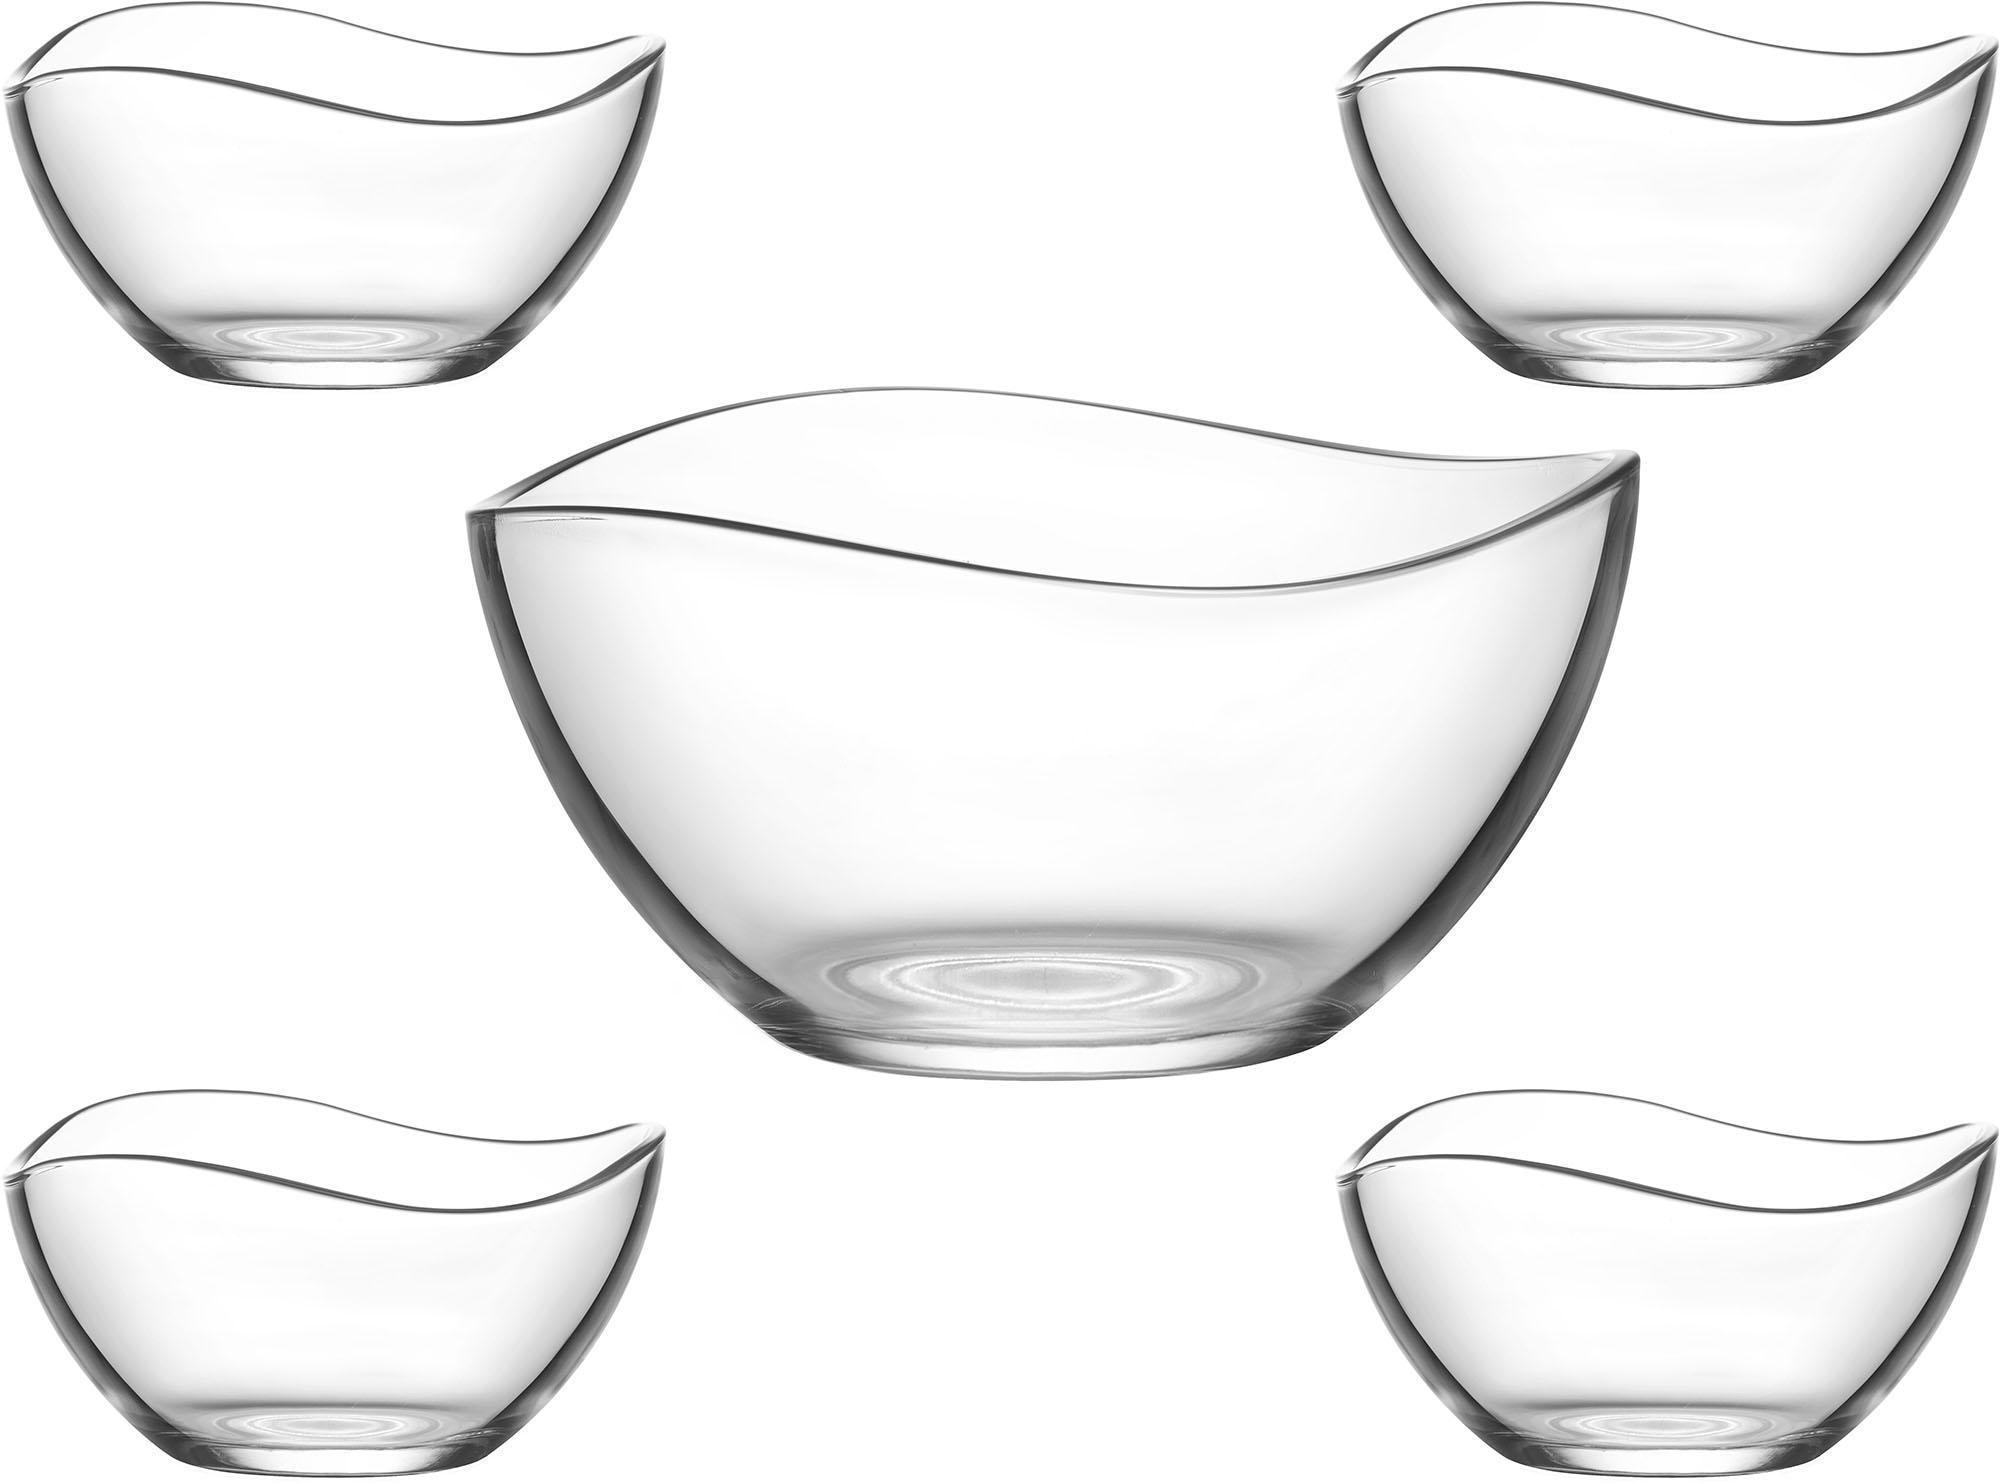 van Well Schüssel Malaga, Glas, (Set 5-tlg.) farblos Glasschüsseln Gläser Glaswaren Haushaltswaren Schüsseln